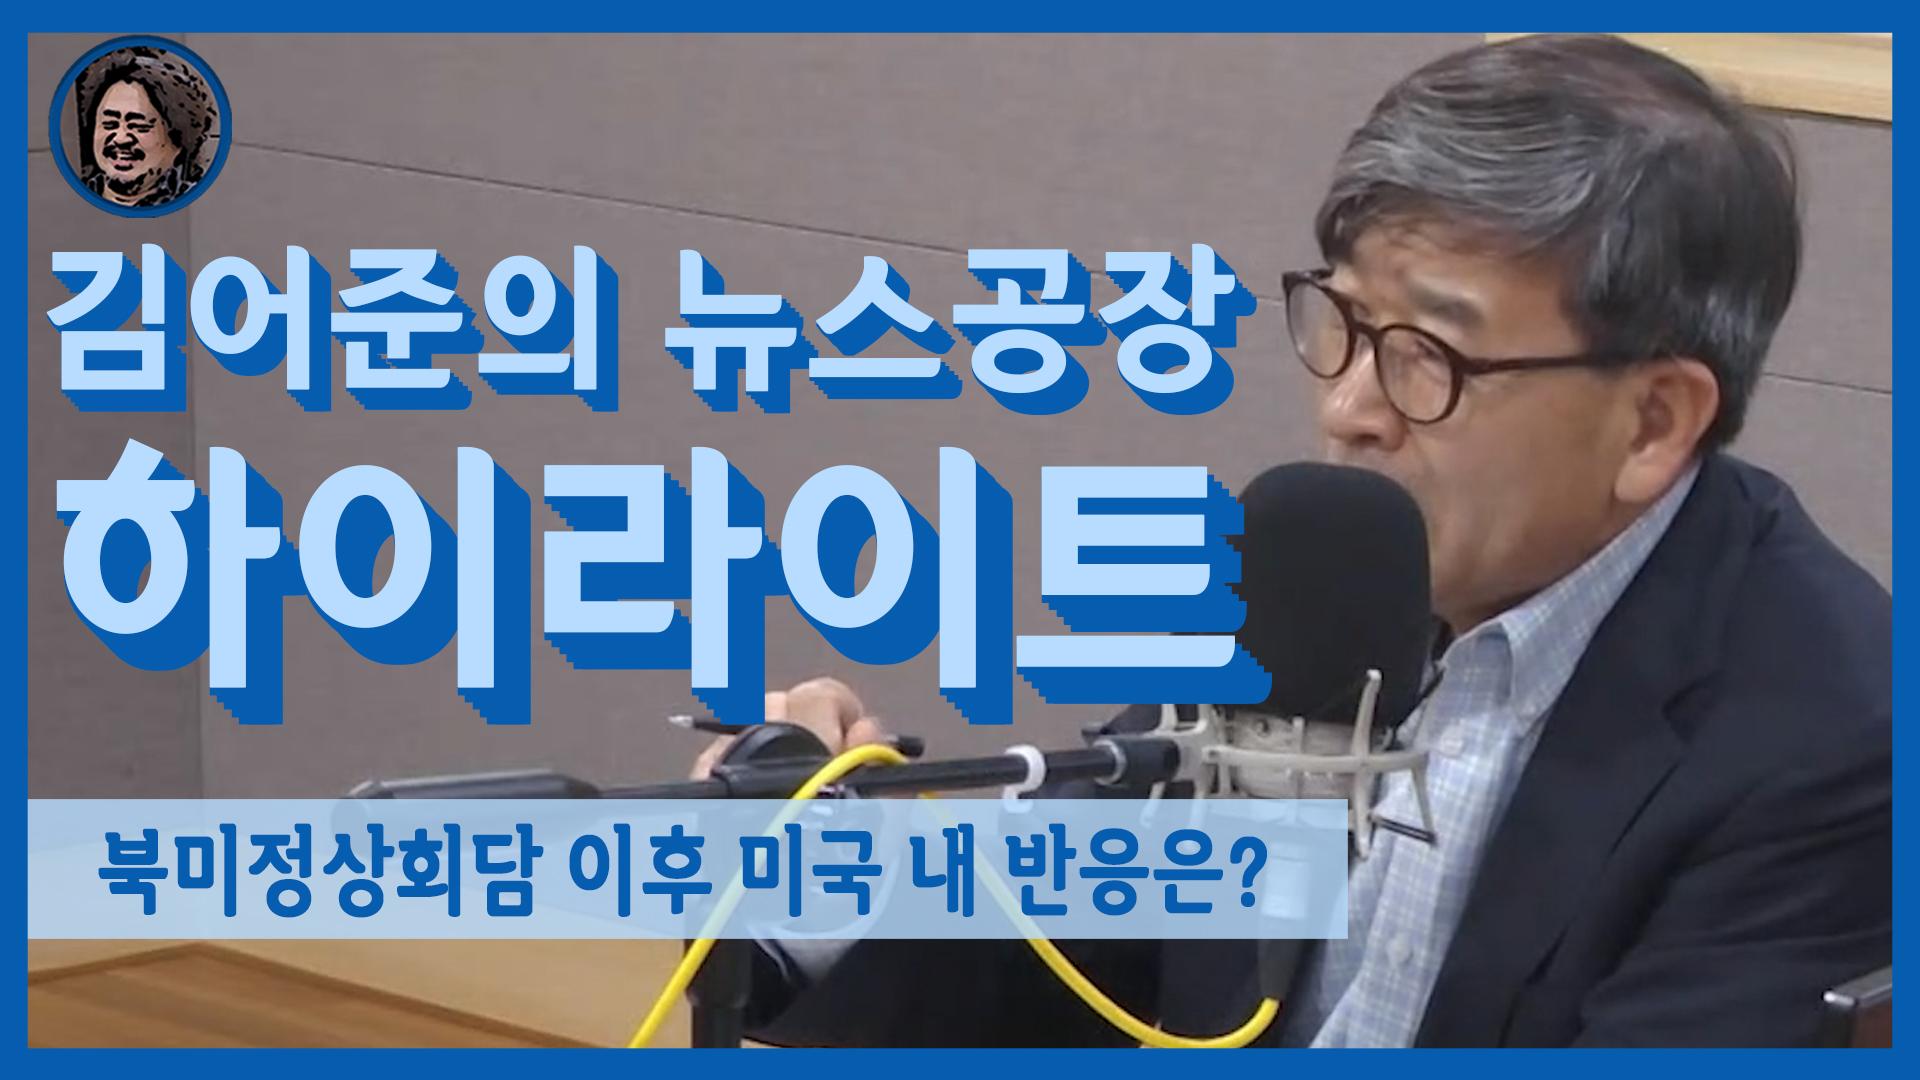 [김어준의 뉴스공장-하이라이트]북미정상회담 이후 미국 내 반응은?